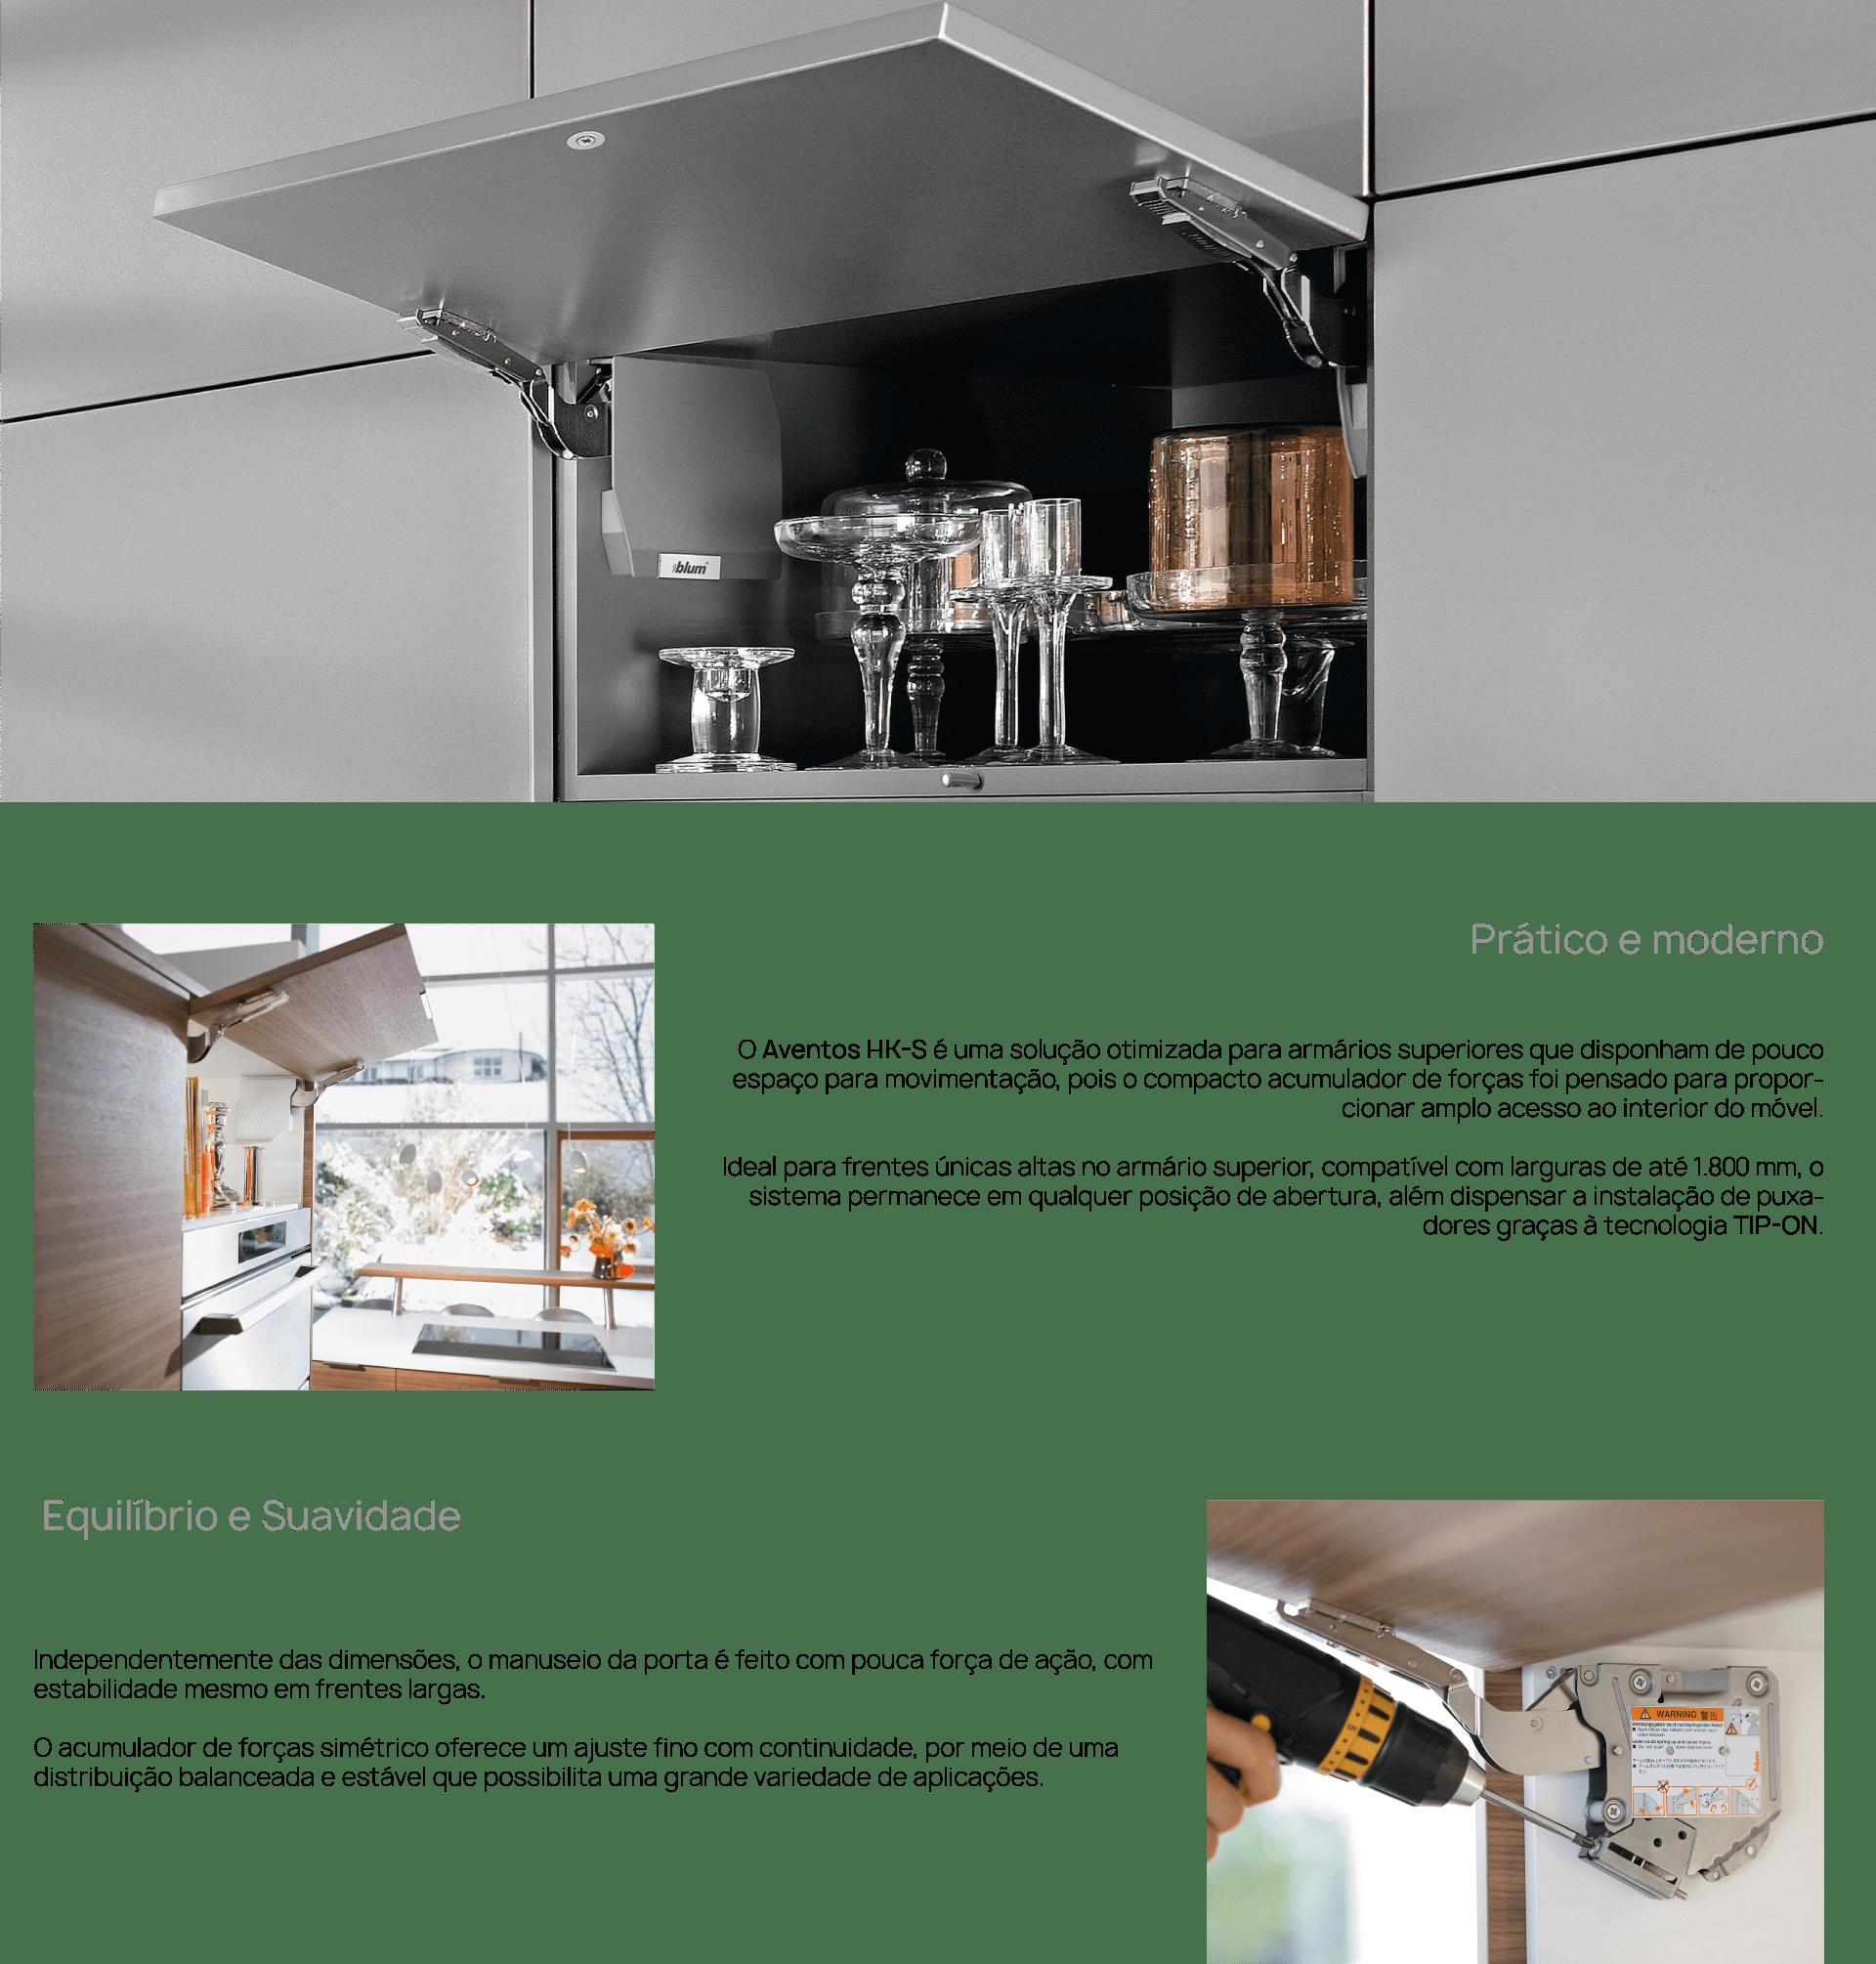 O Aventos HK-S TIP-ON é uma solução otimizada para armários superiores que disponham de pouco espaço para movimentação.